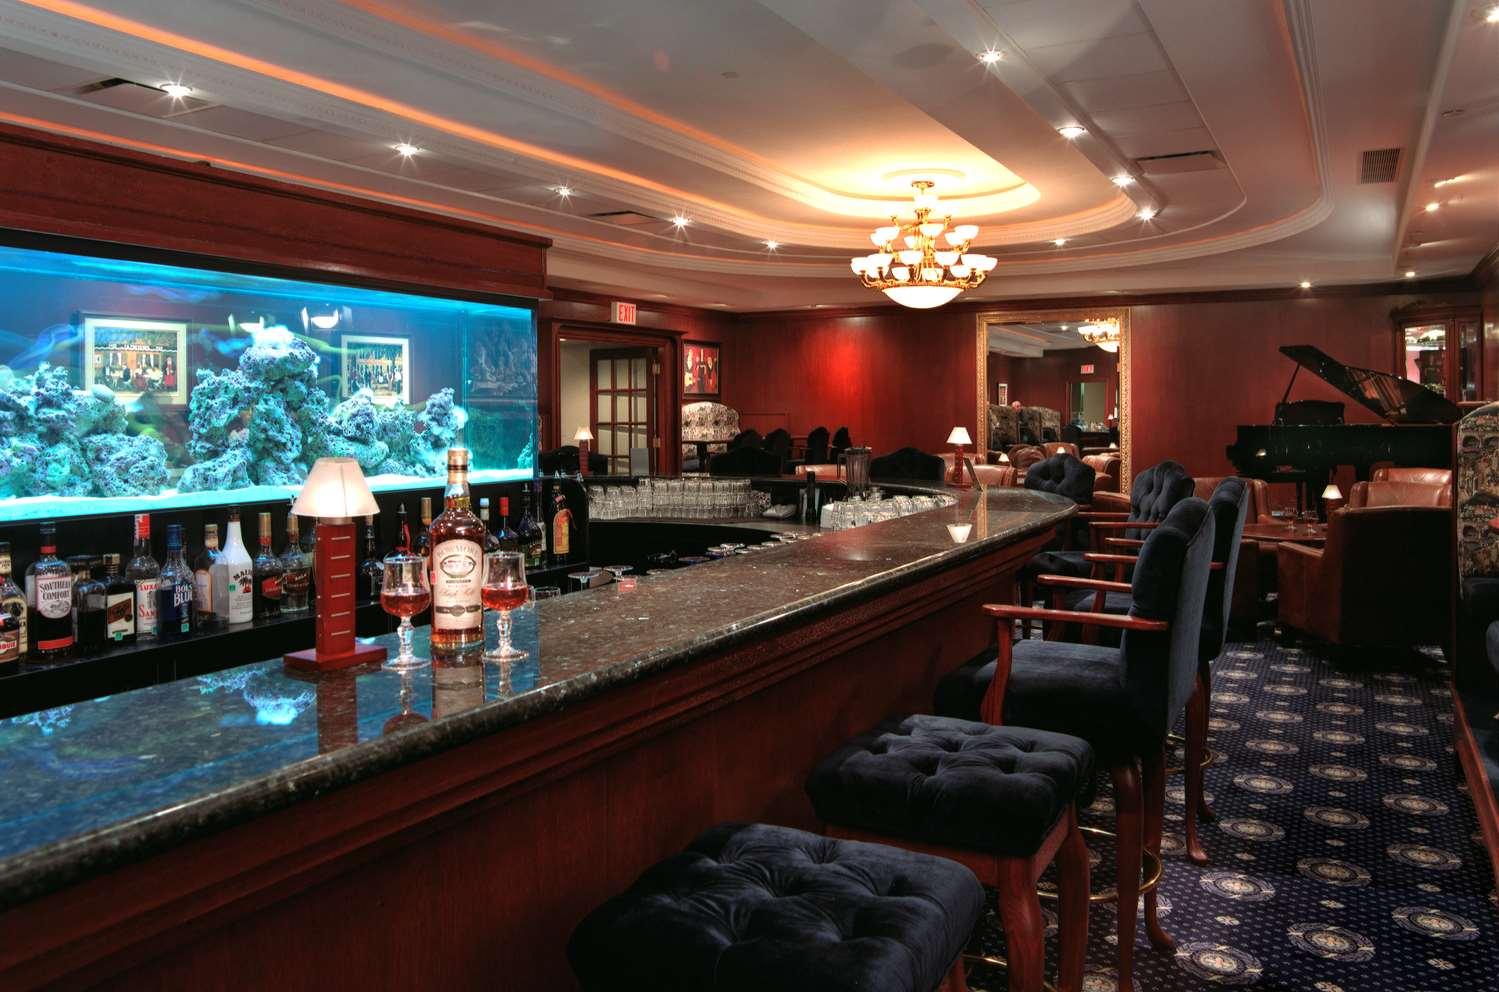 Bar - Chateau Louis Hotel & Conference Centre Edmonton